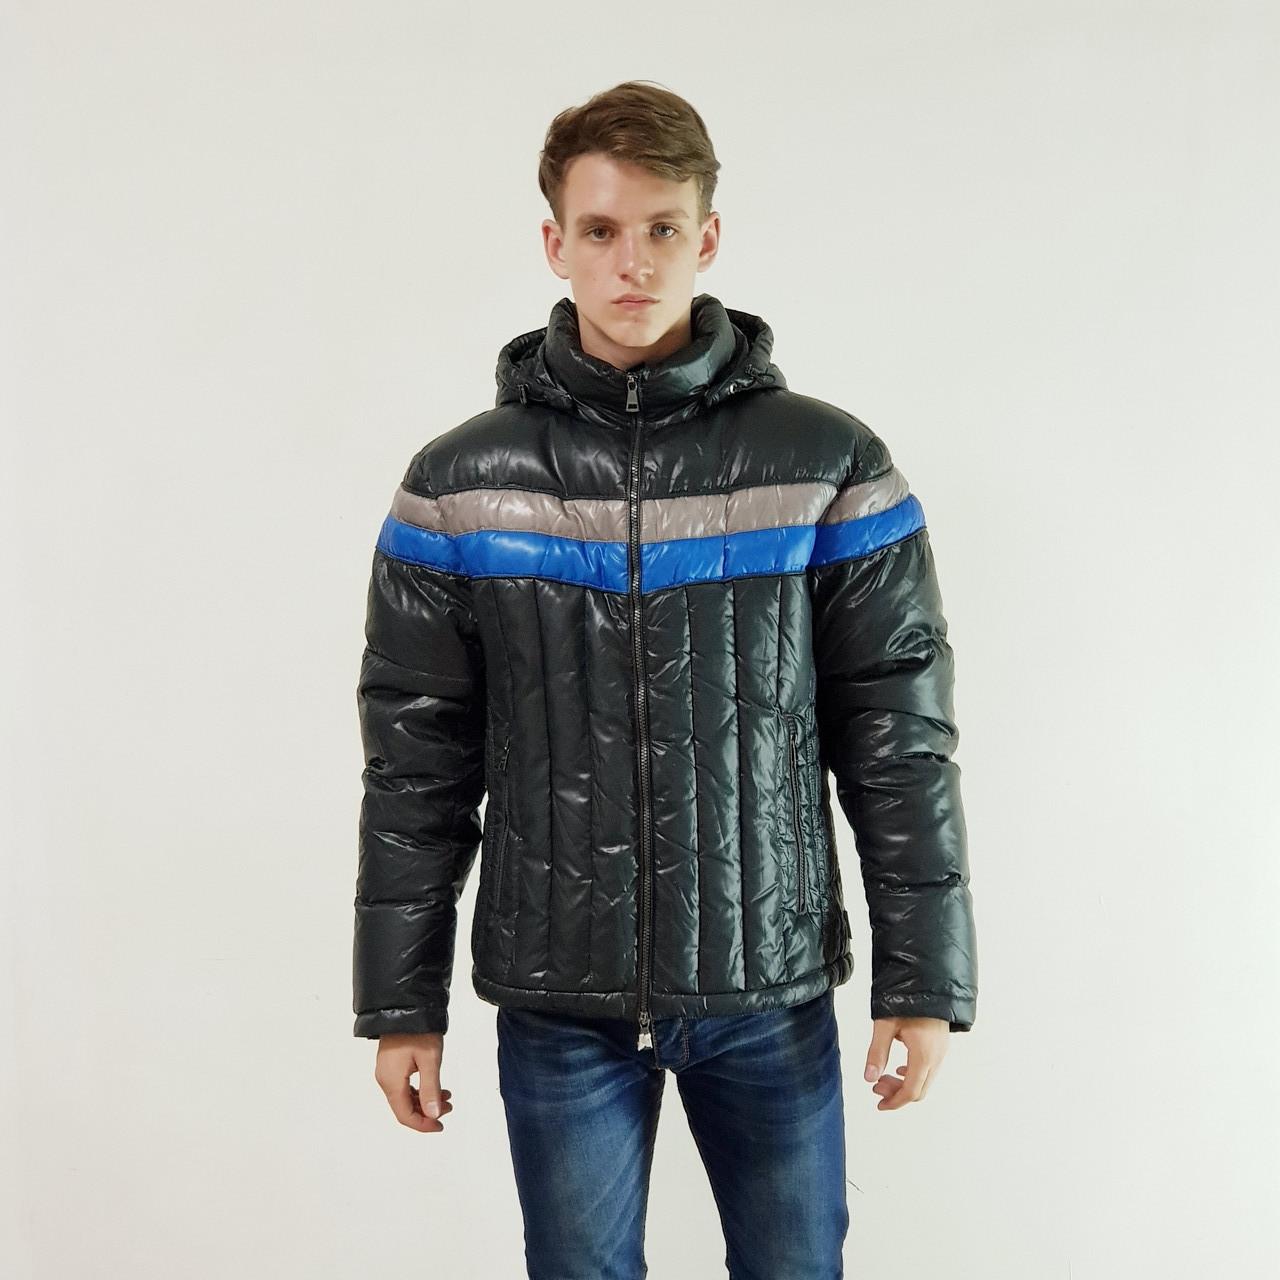 Куртка мужская зимняя Snowimage с капюшоном 52 темно-серы 109-9077